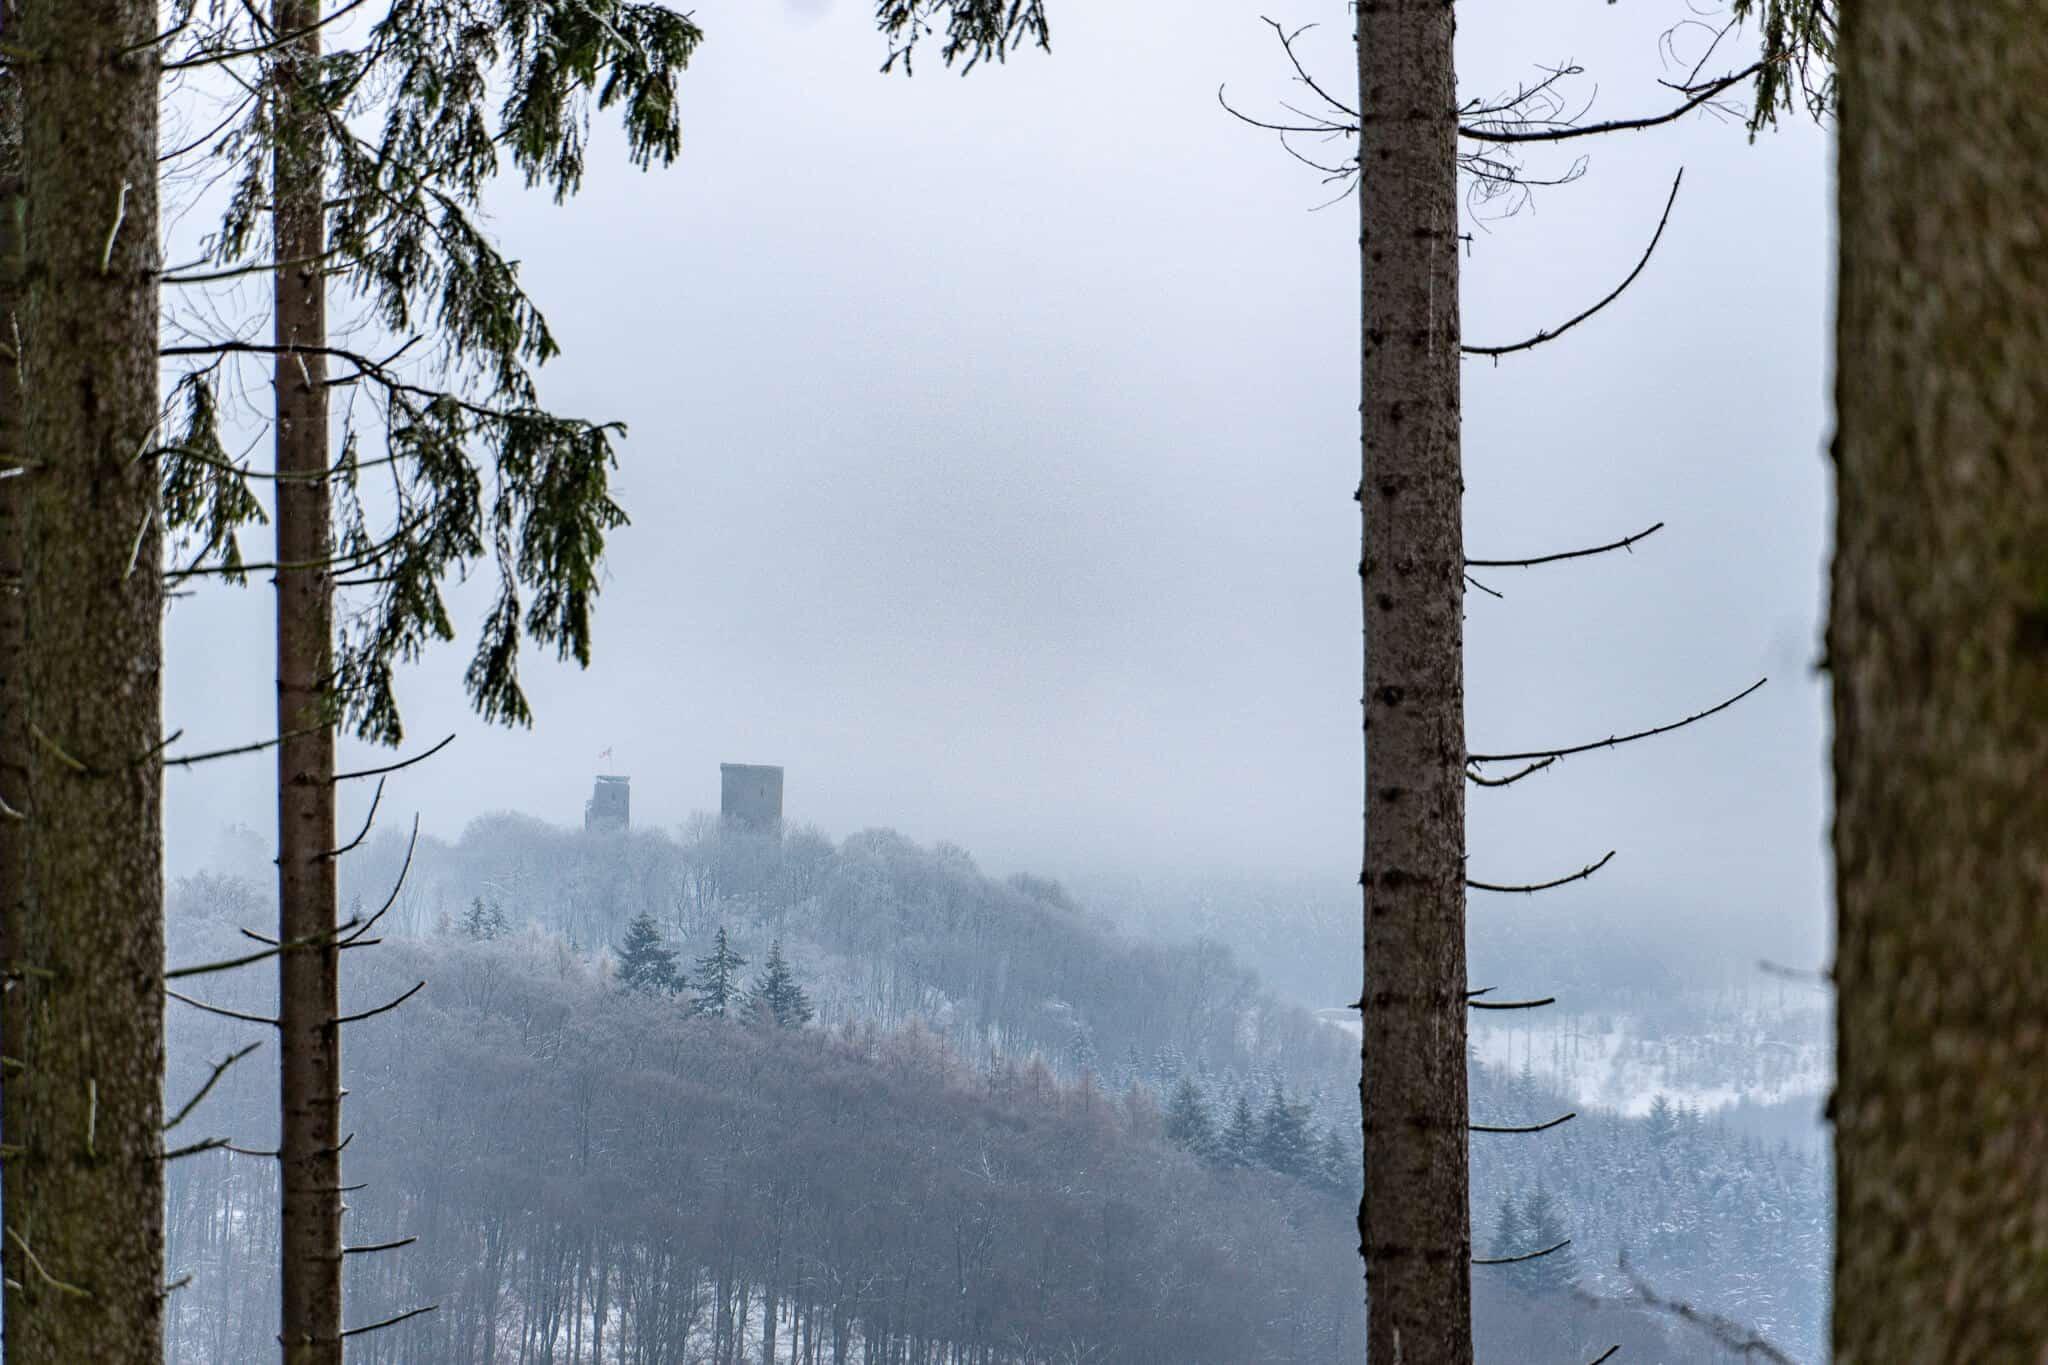 Burg Reifenberg